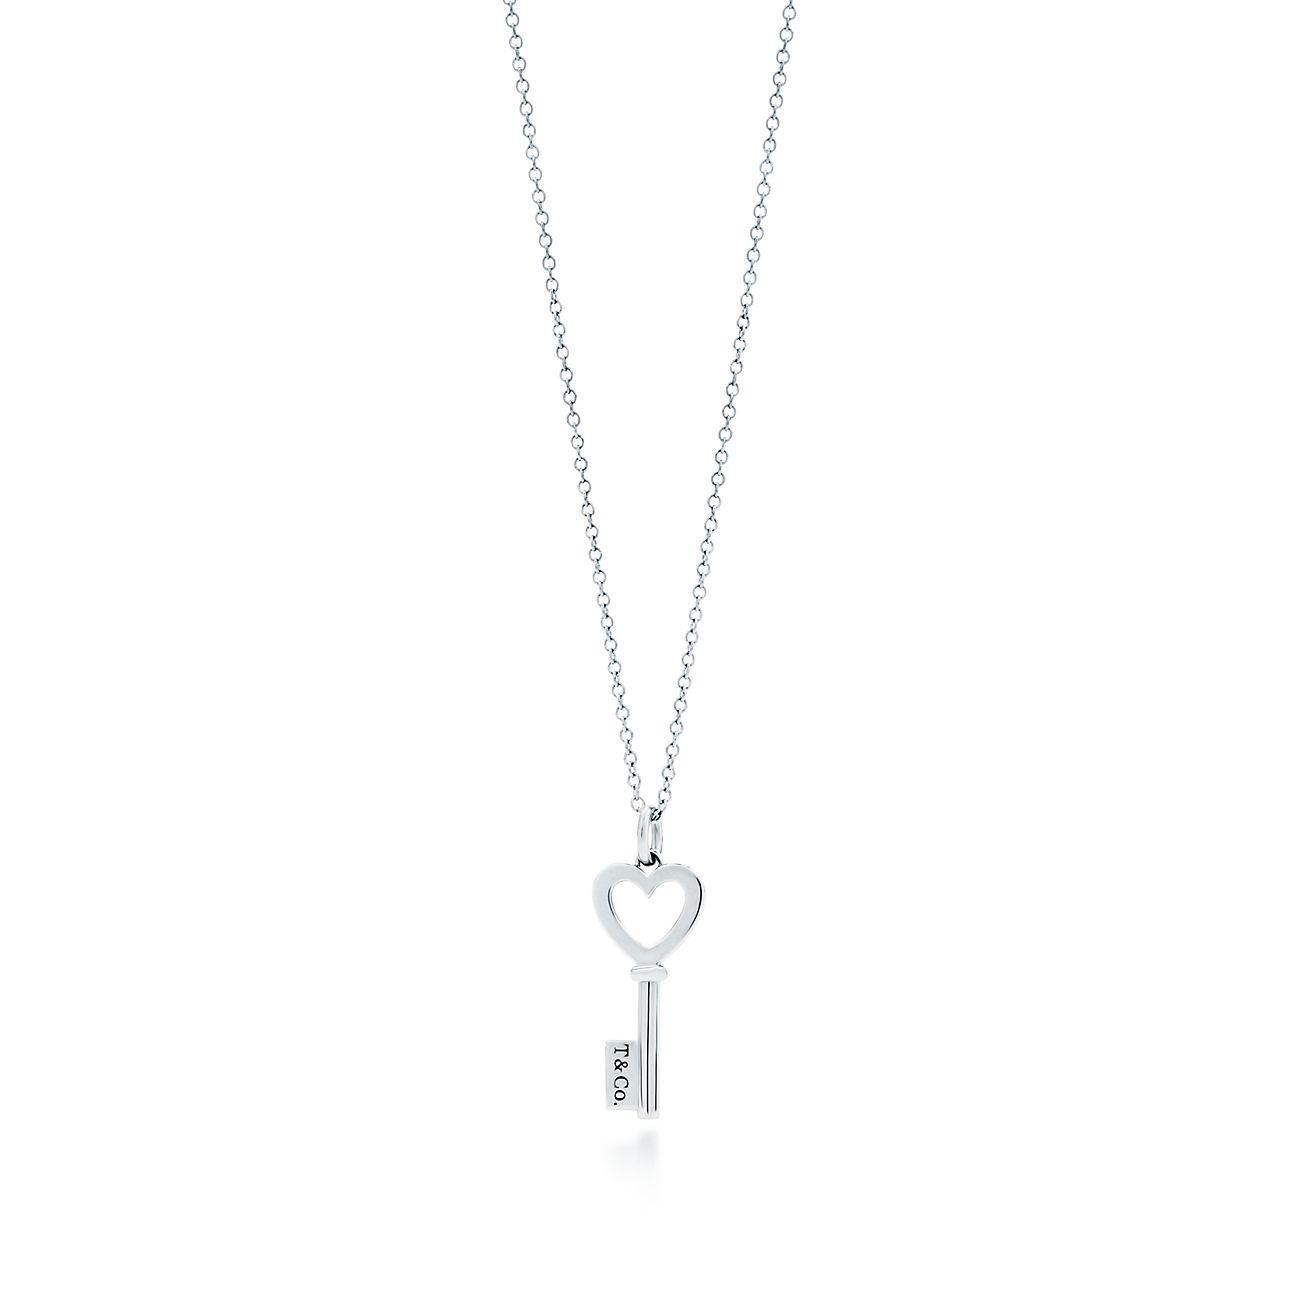 Tiffany Keys Heart Key Pendant In Sterling Silver Mini Tiffany